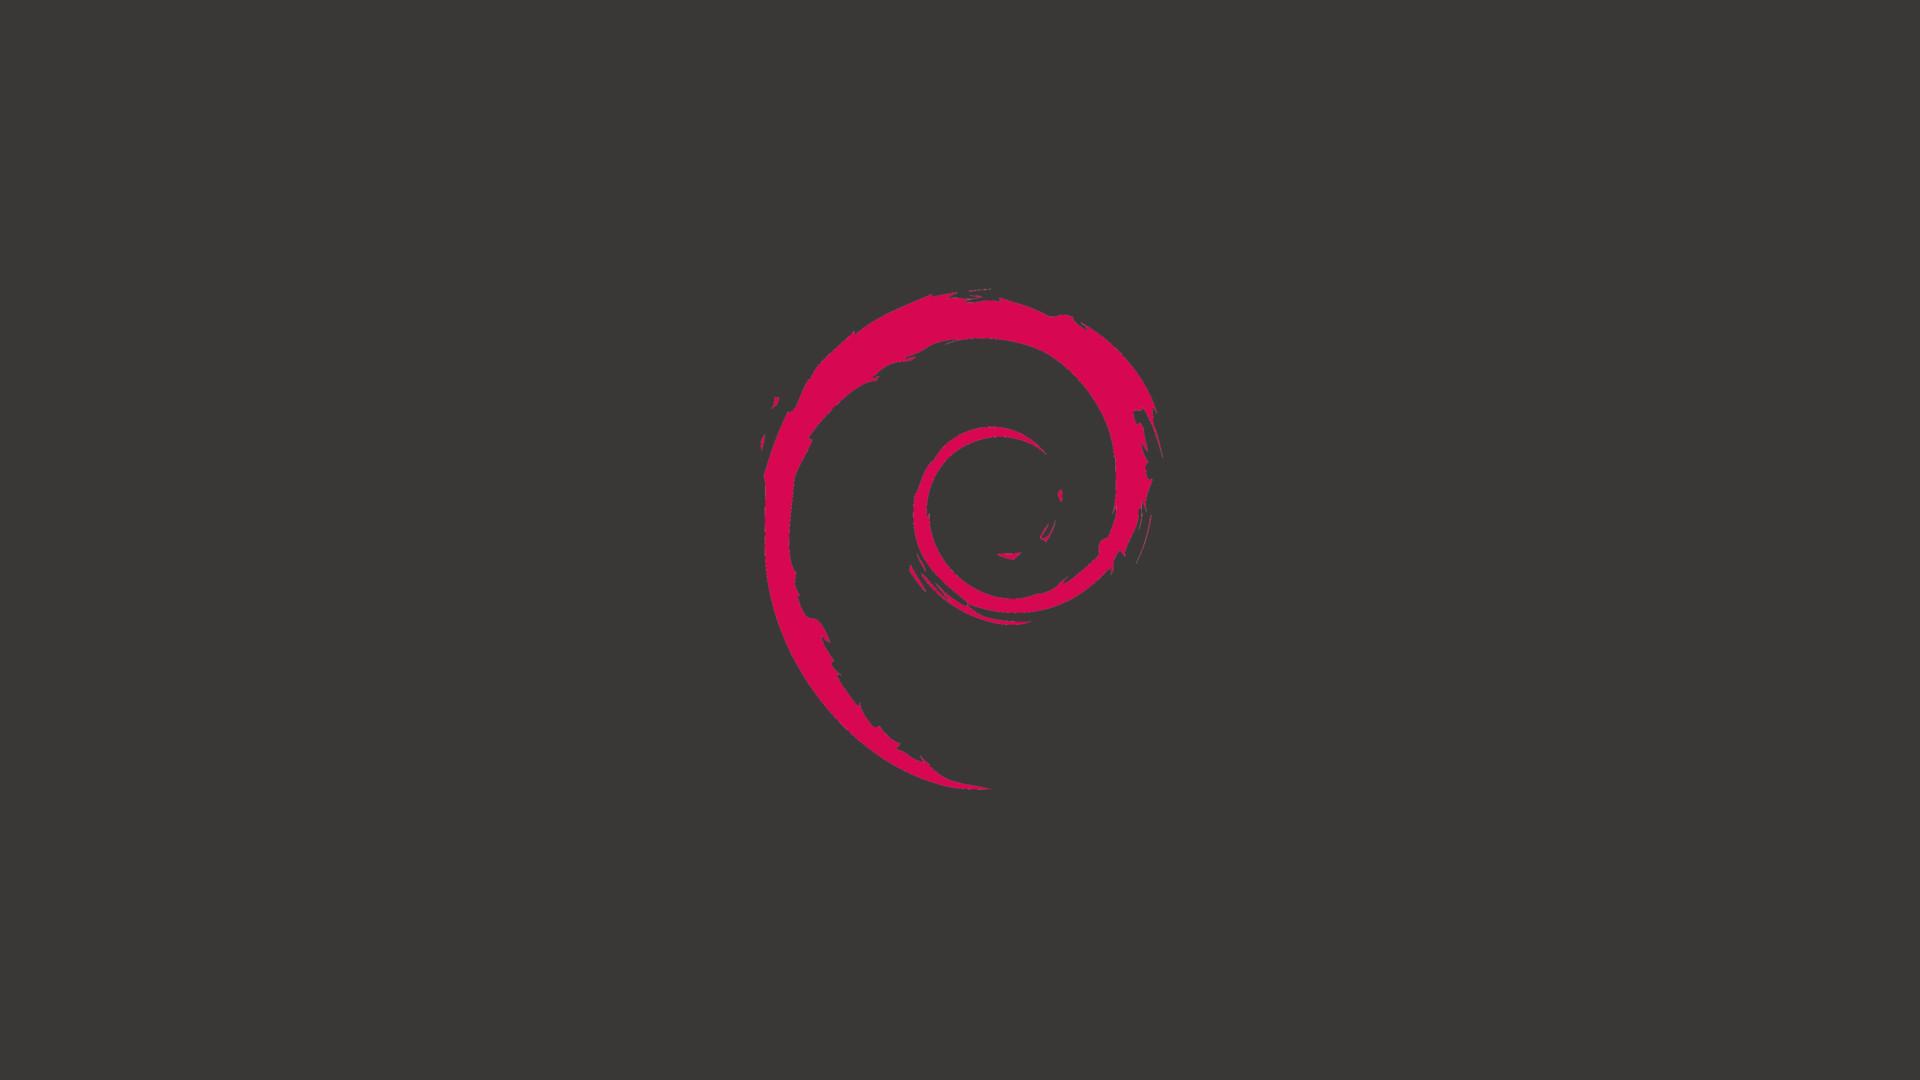 Res: 1920x1080, 1080pMinimalist Debian Wallpaper ...